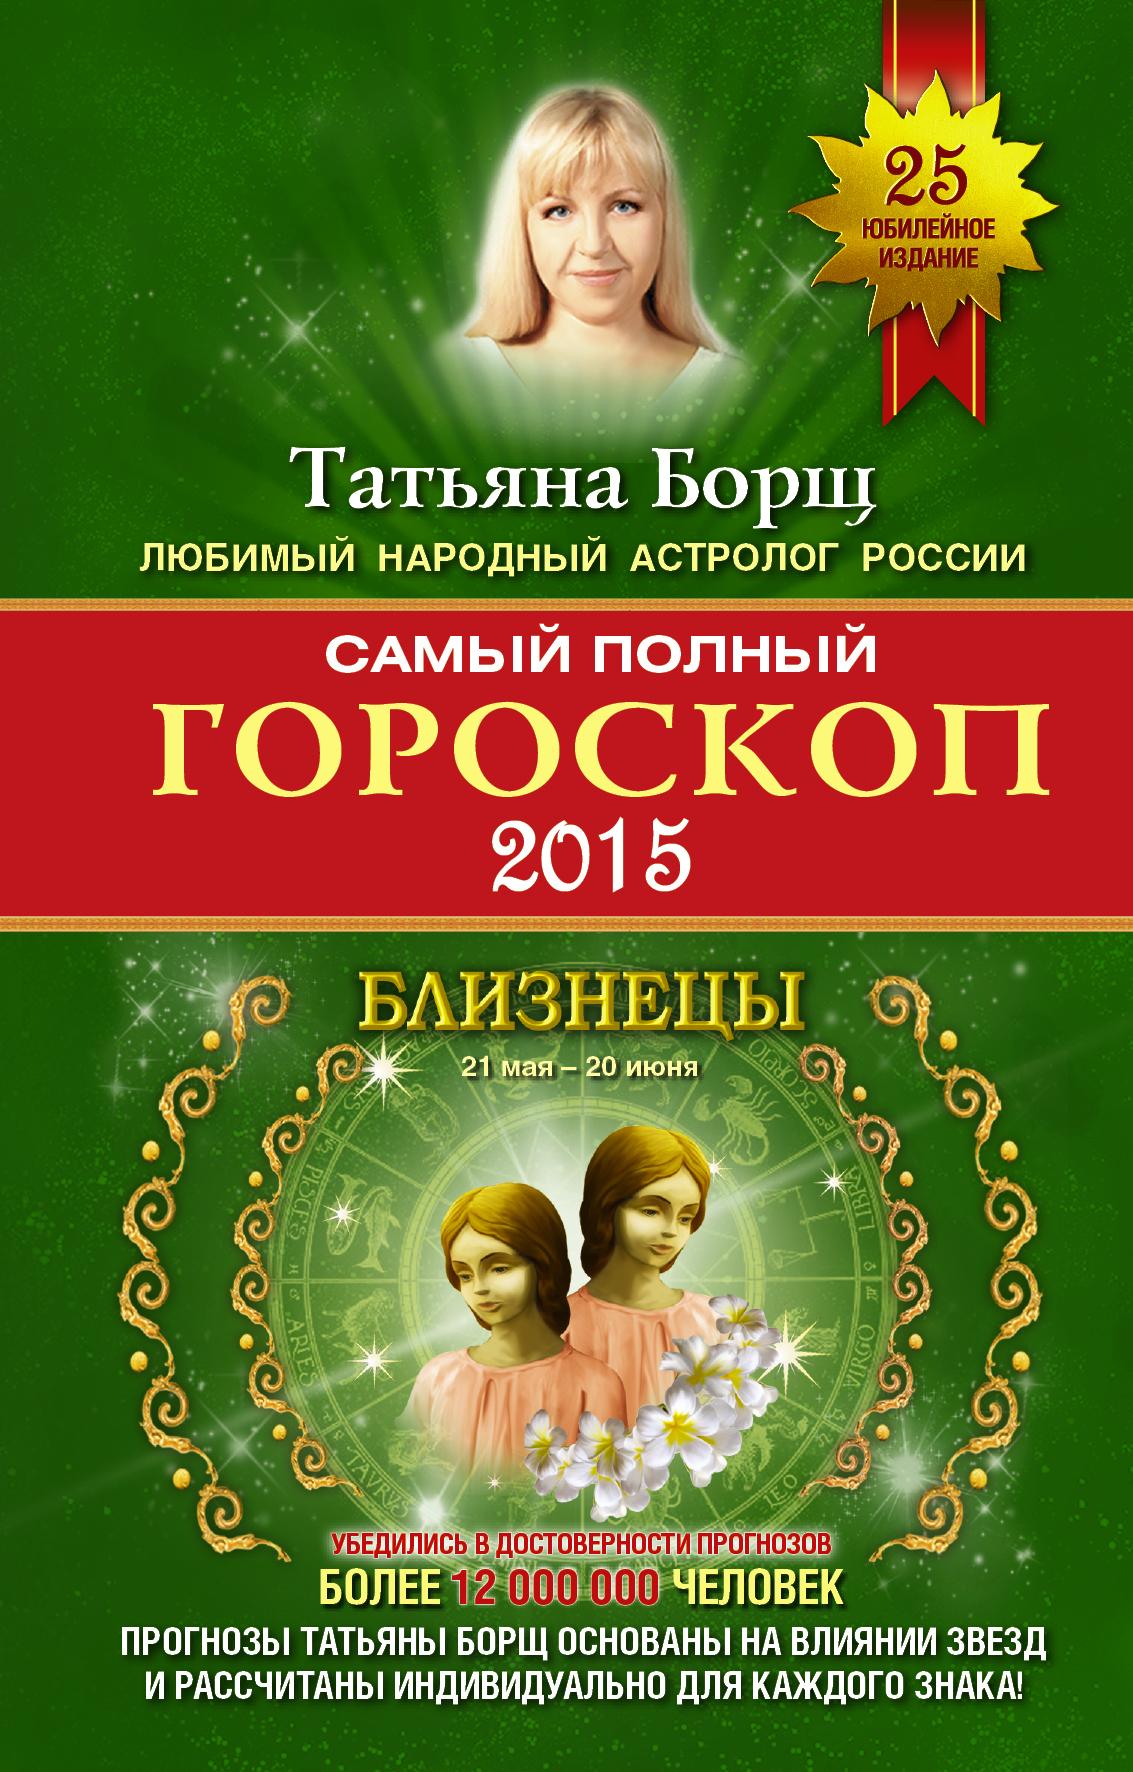 Гороскоп на каждый день 2015 близнецы книжечка